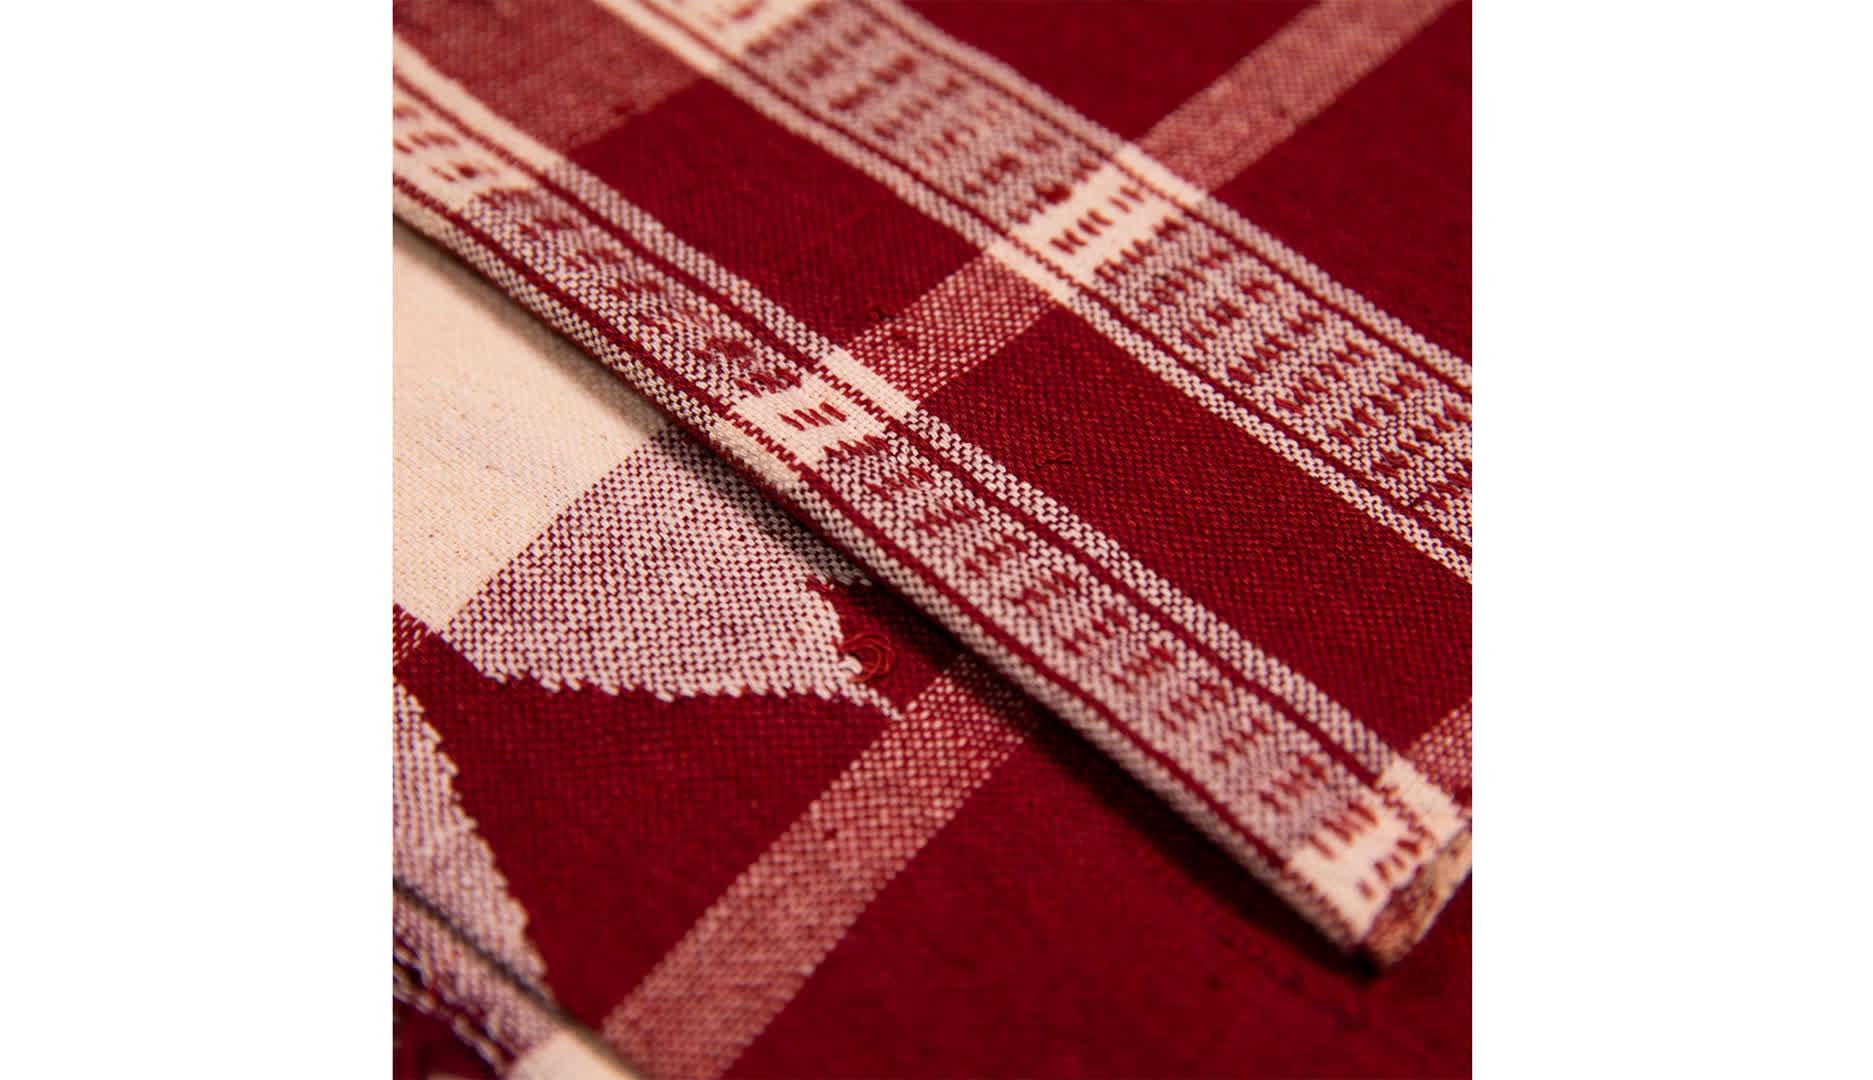 Kotpad has shades of red, maroon and brown | Peepul Tree